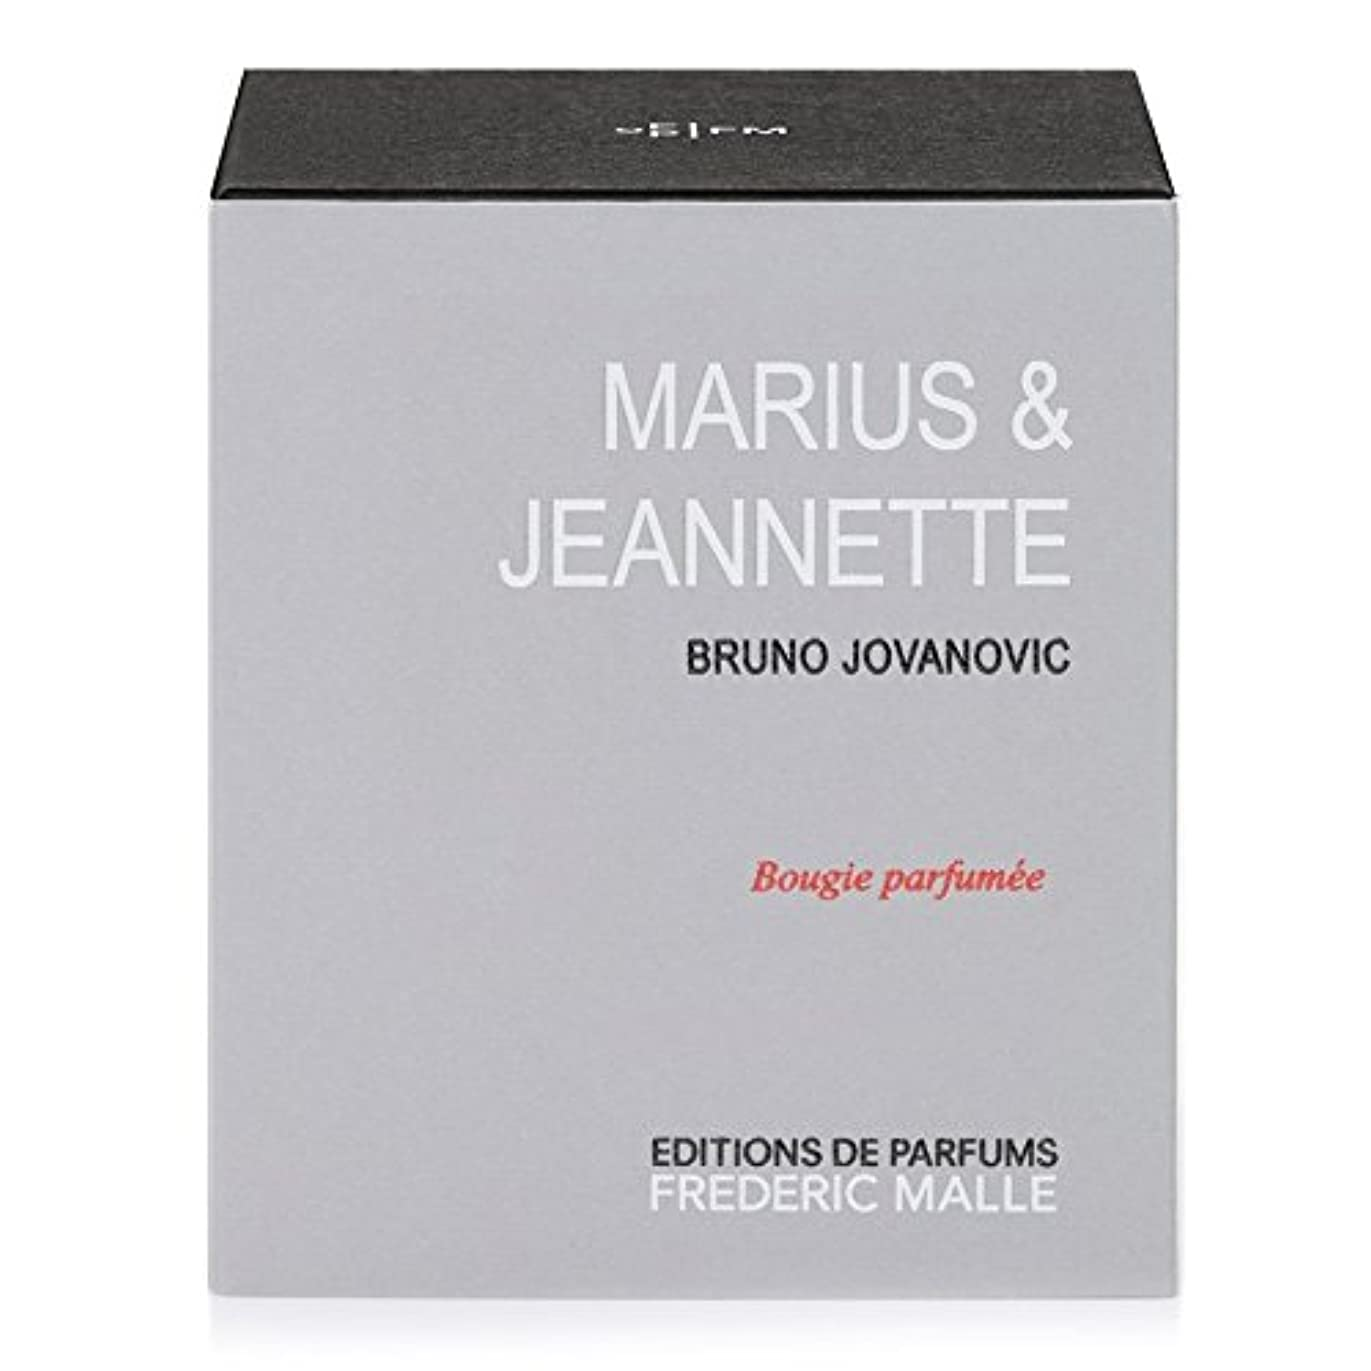 代表団シーボード郵便物Frederic Malle Maruis and Jeanette Scented Candle (Pack of 4) - フレデリック?マル とジャネット?香りのキャンドル x4 [並行輸入品]